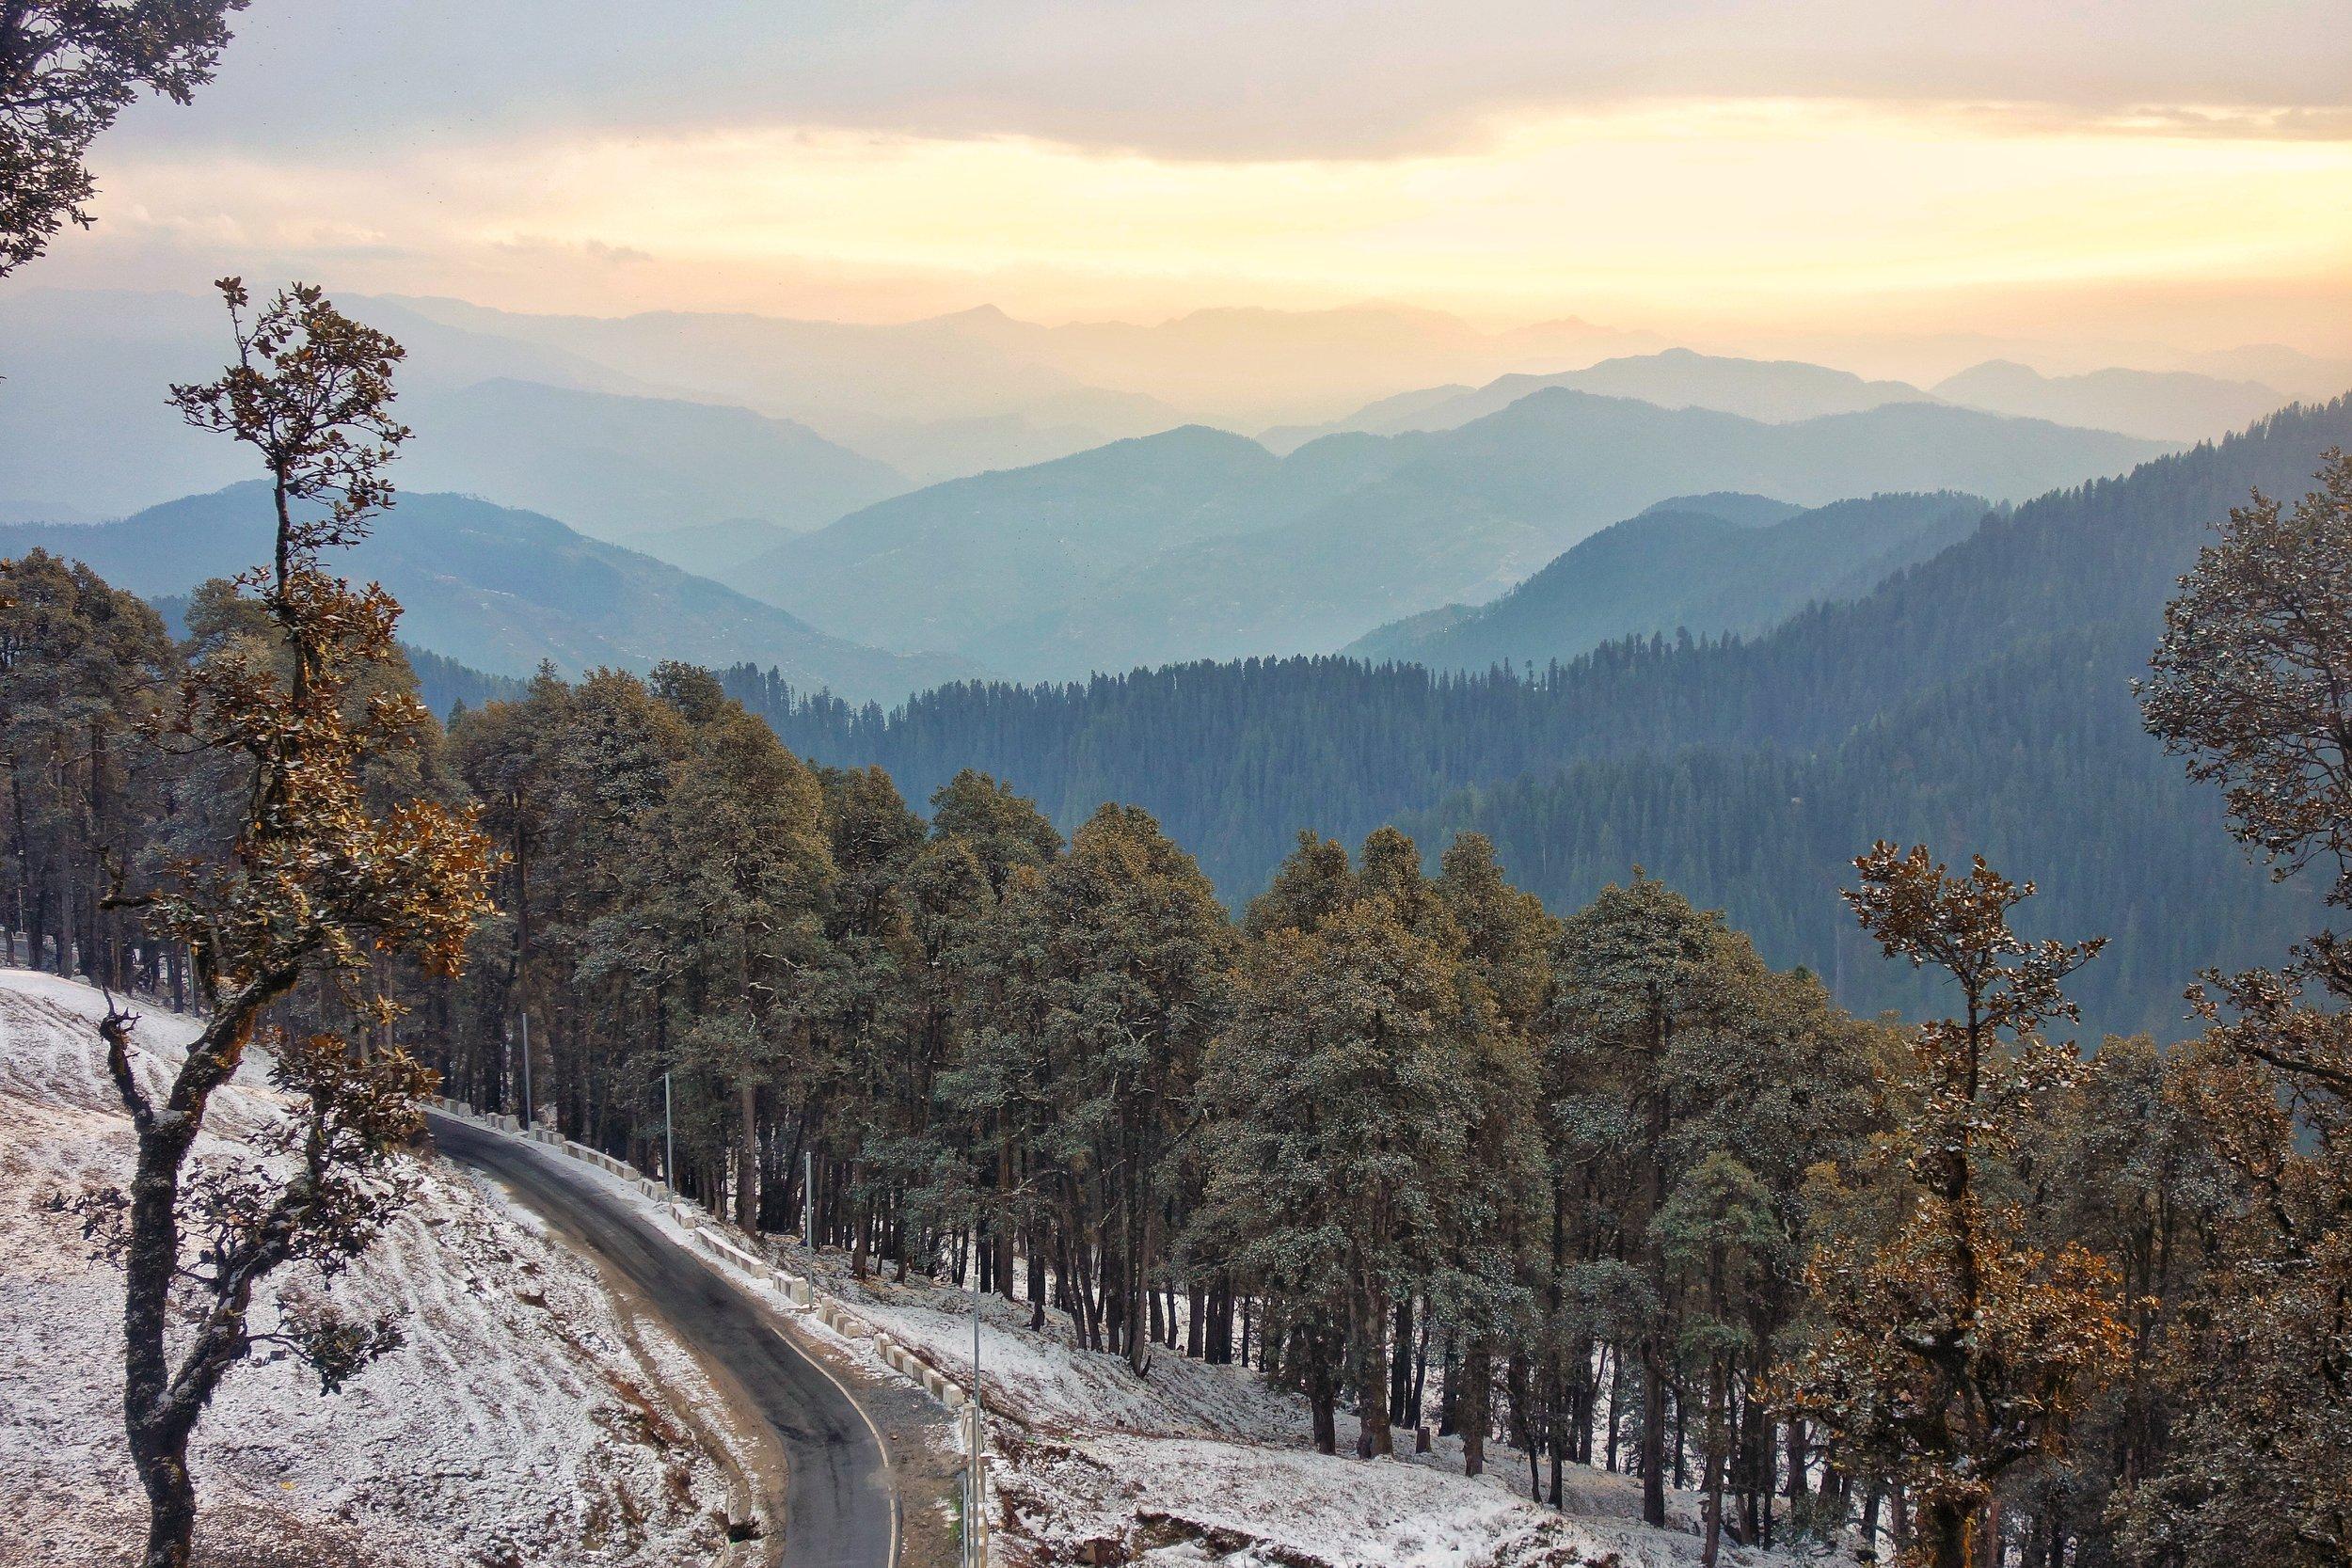 Looking towards Shimla from the Jalori Pass